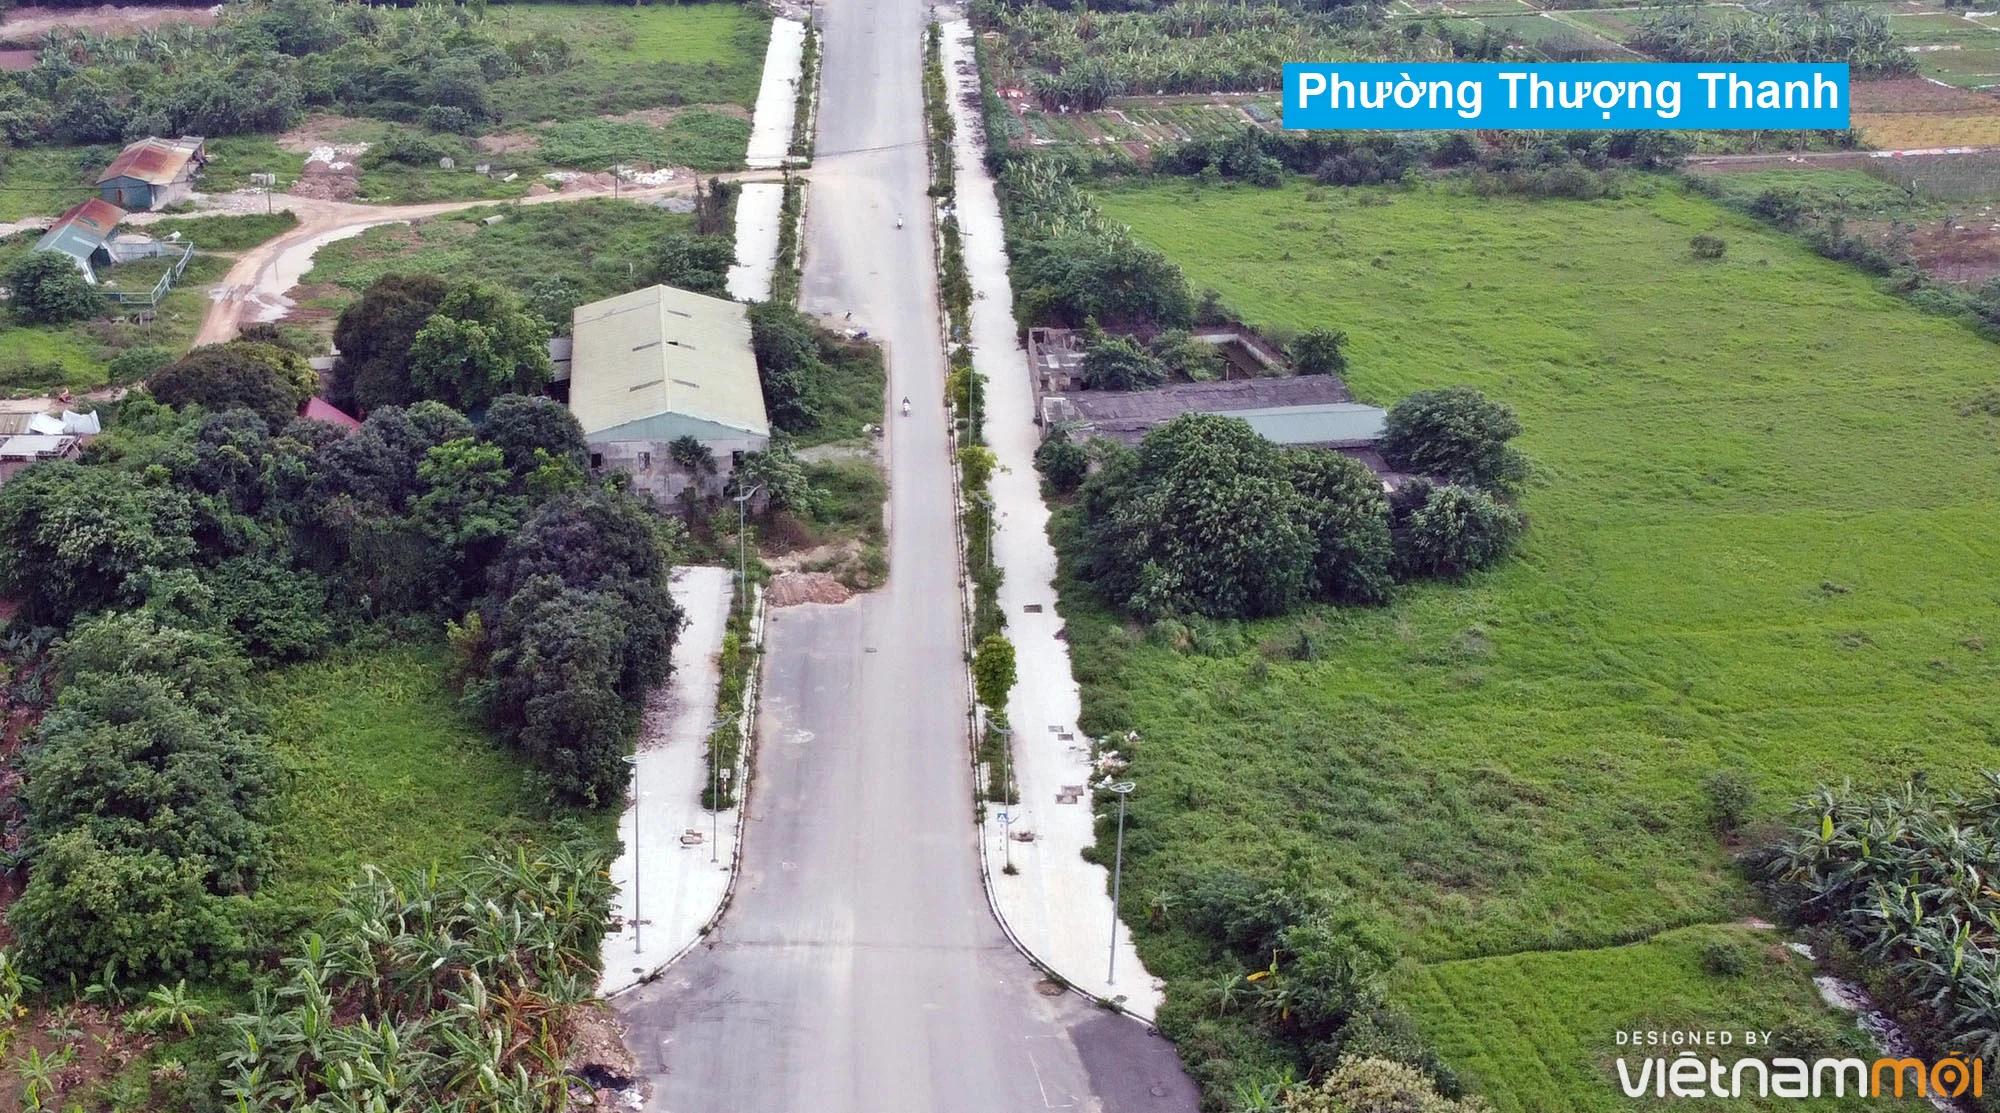 Toàn cảnh đường từ đê Ngọc Thụy đến KĐTM Thượng Thanh đang mở theo quy hoạch ở Hà Nội - Ảnh 20.